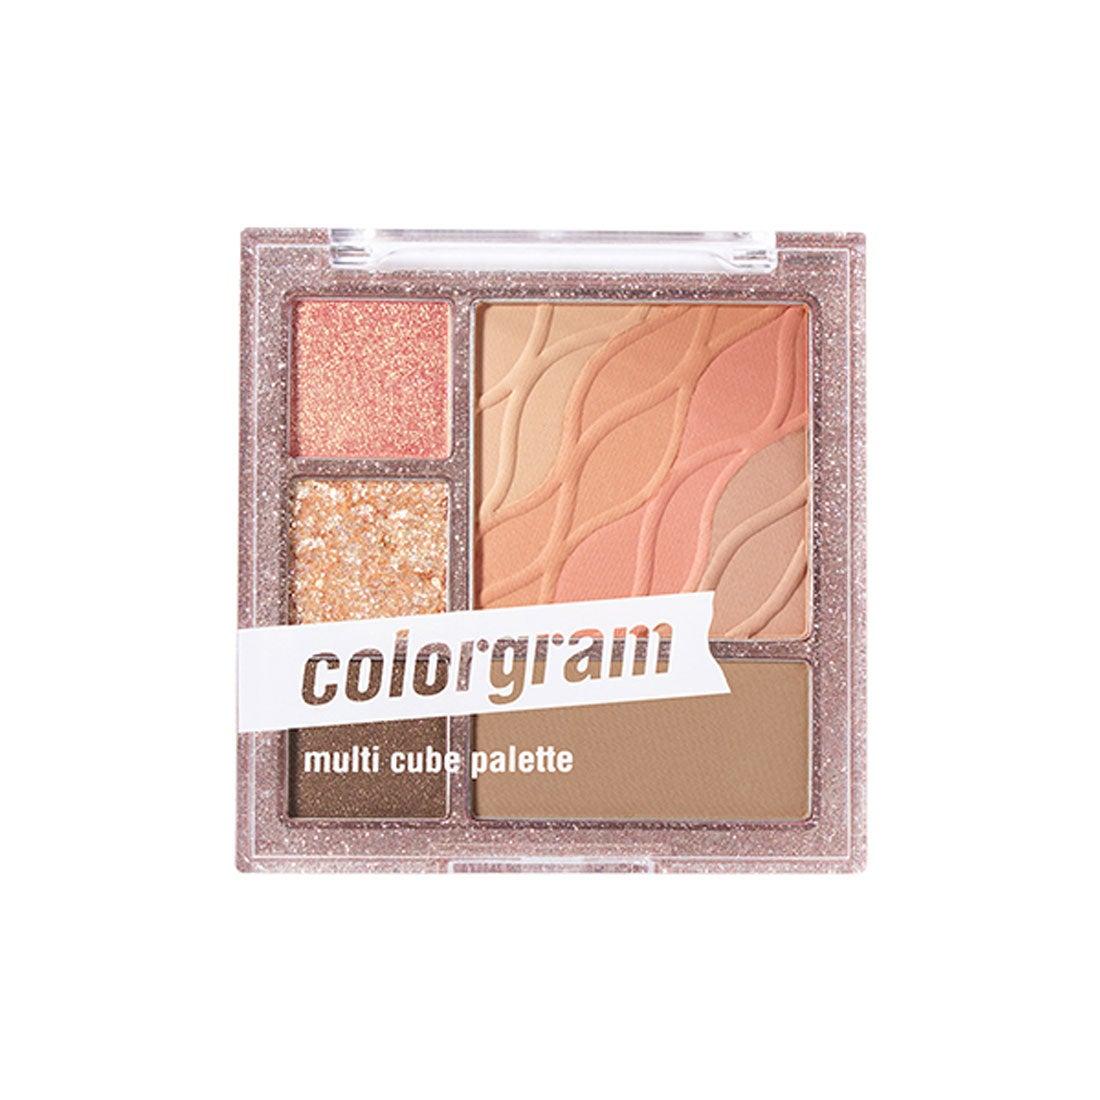 カラーグラム colorgram マルチキューブパレット 02 ロマンチックキューブ【返品交換不可】